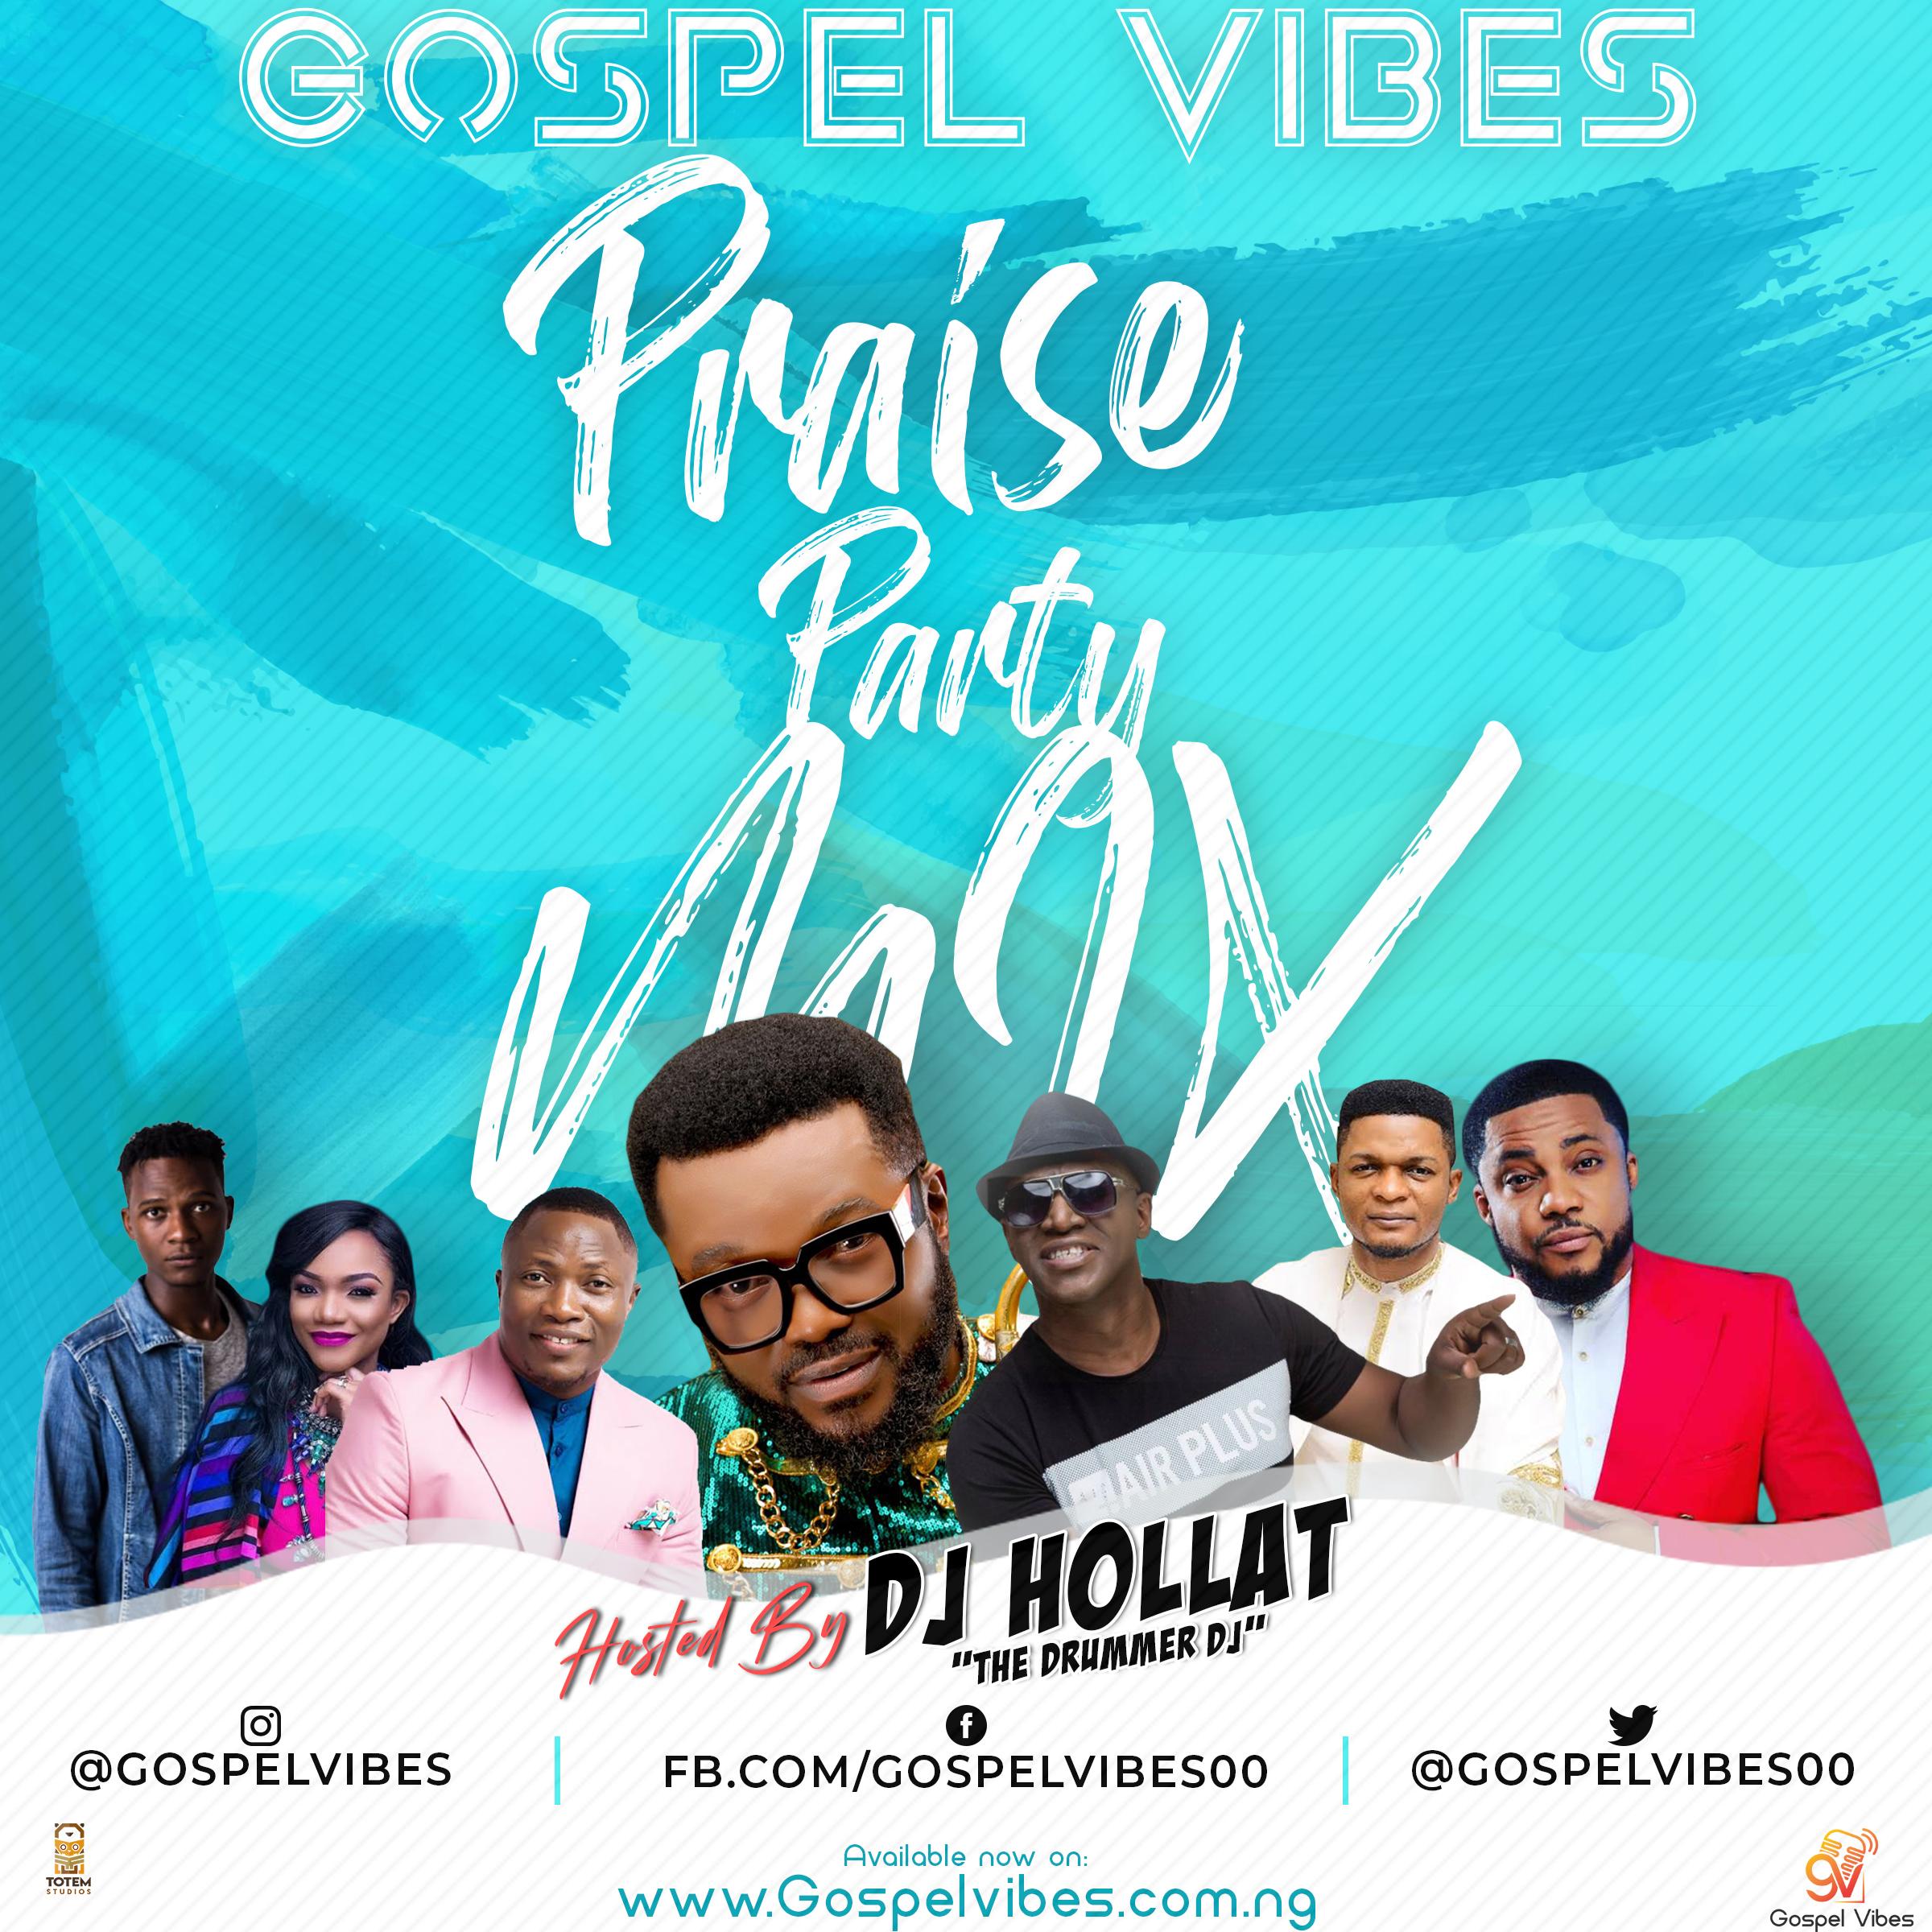 Gospel Vibes Praise Party Mixtape Ft. DJ Hollat